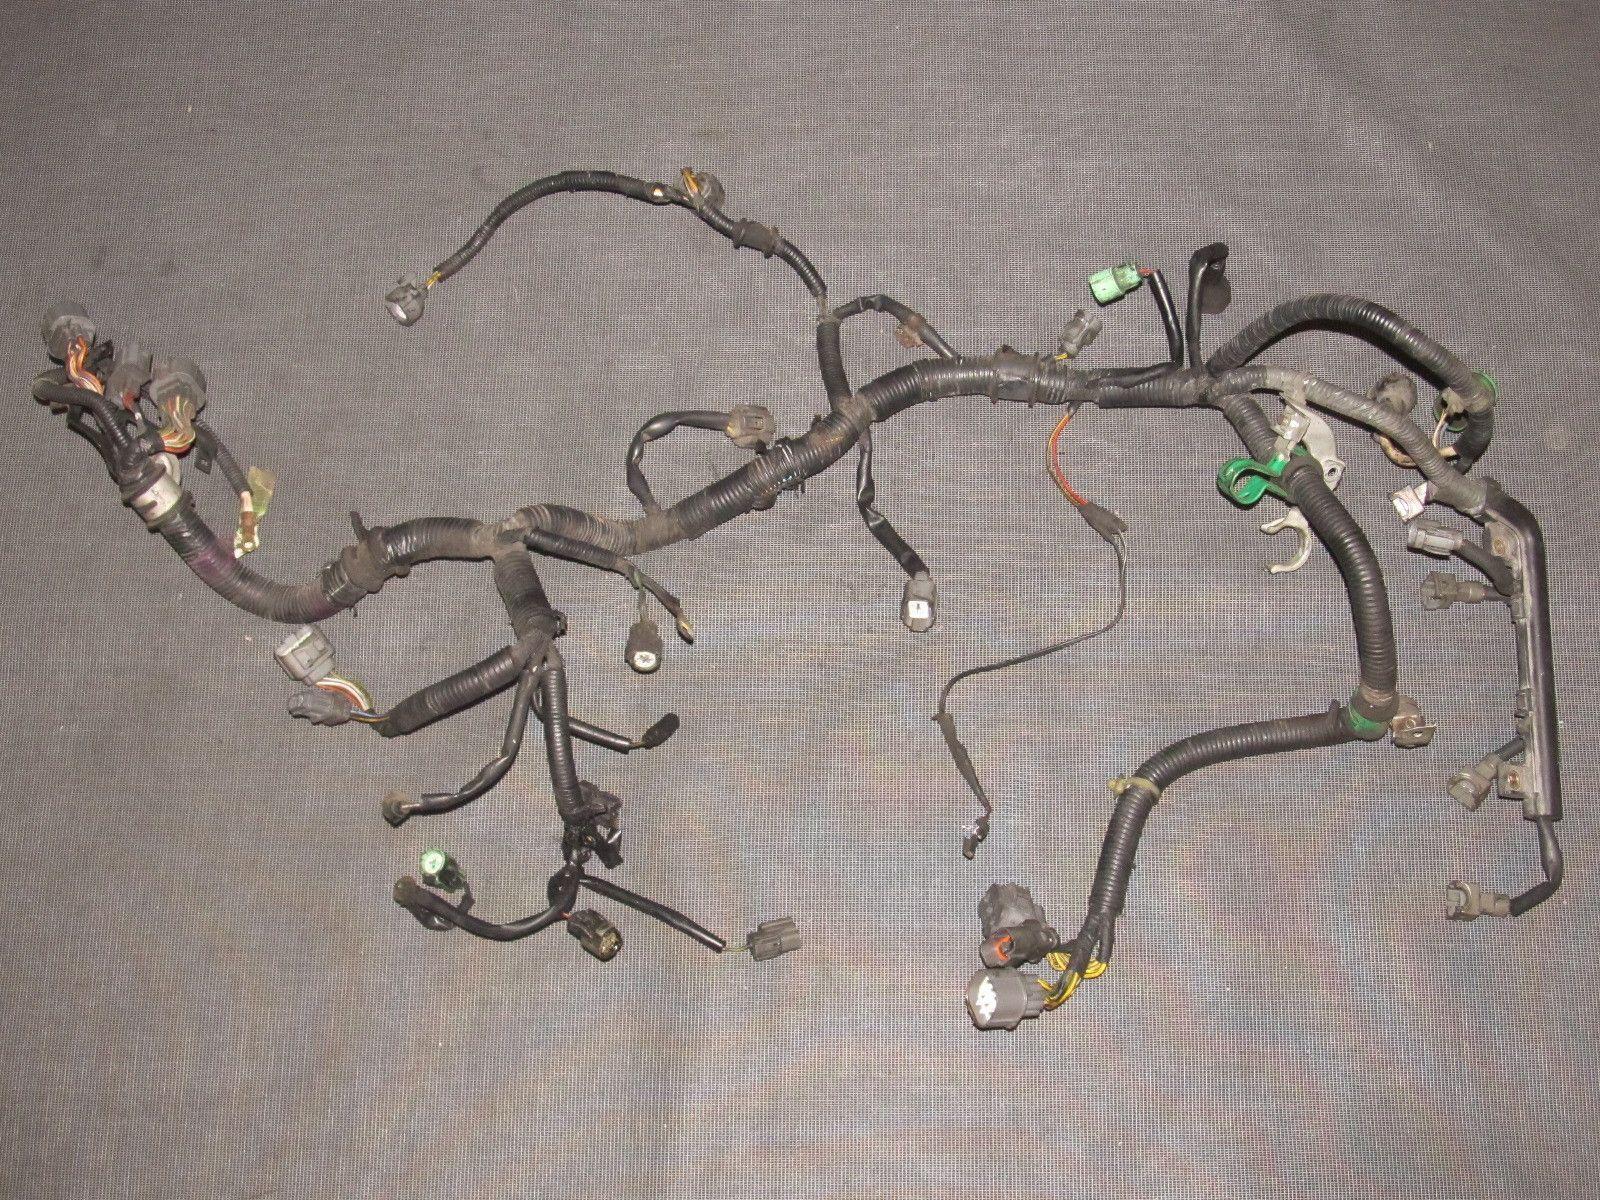 93 94 95 honda del sol oem b16 obd1 engine wiring harness m t [ 1600 x 1200 Pixel ]